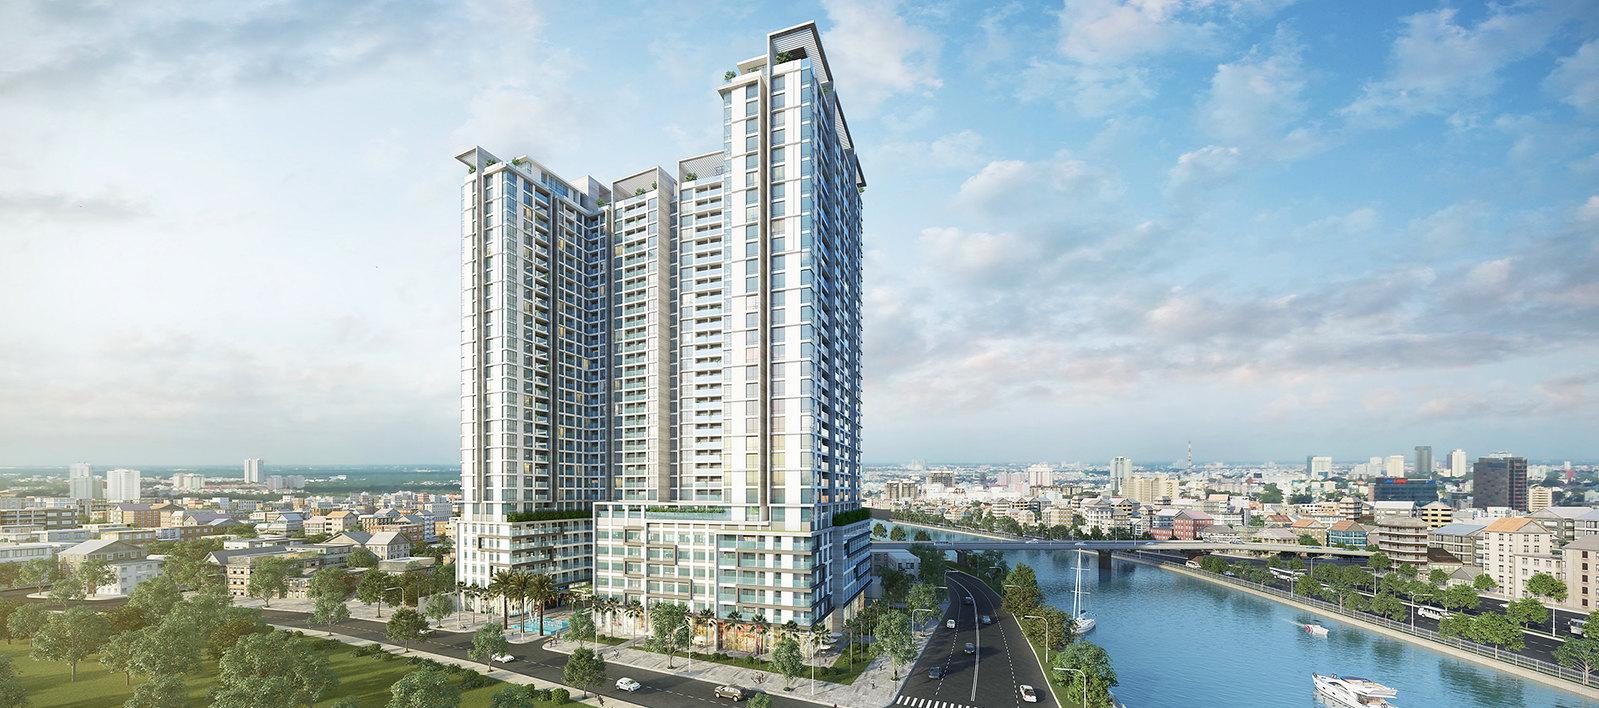 Phối cảnh tổng thể dự án căn hộ Masteri Millennium quận 4.